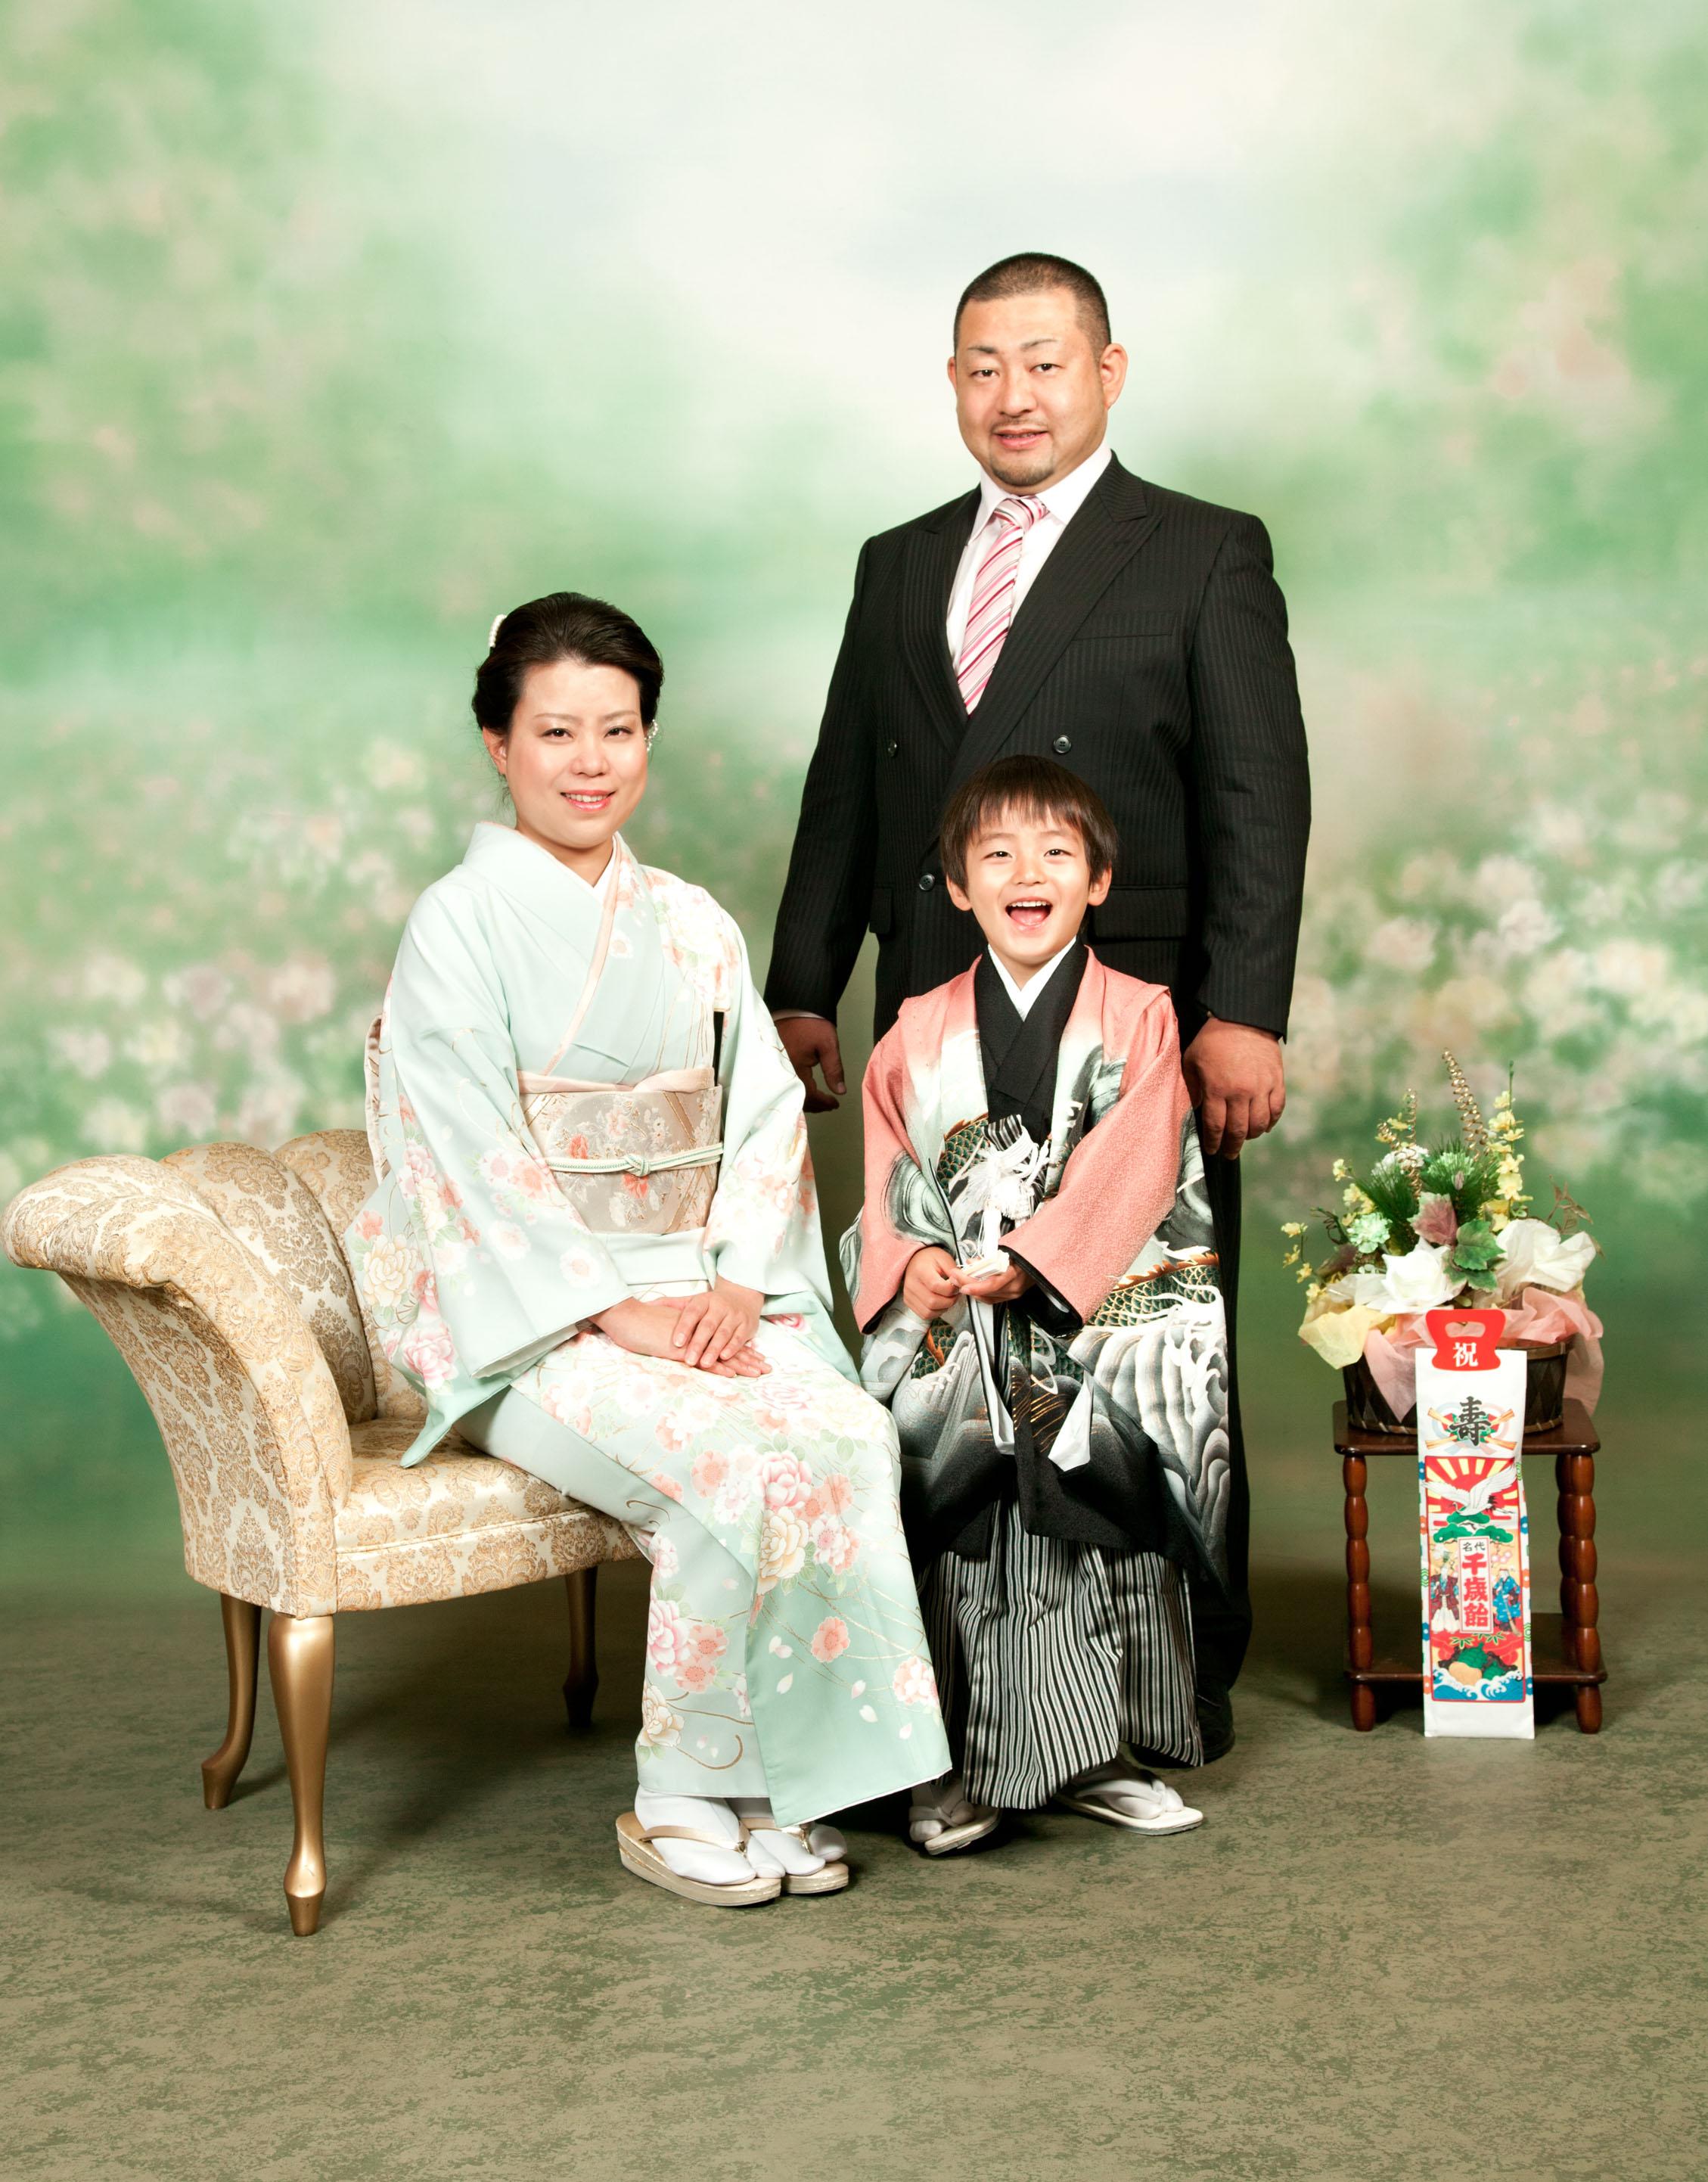 五歳家族-川口市前川神社写真館スタジオ内